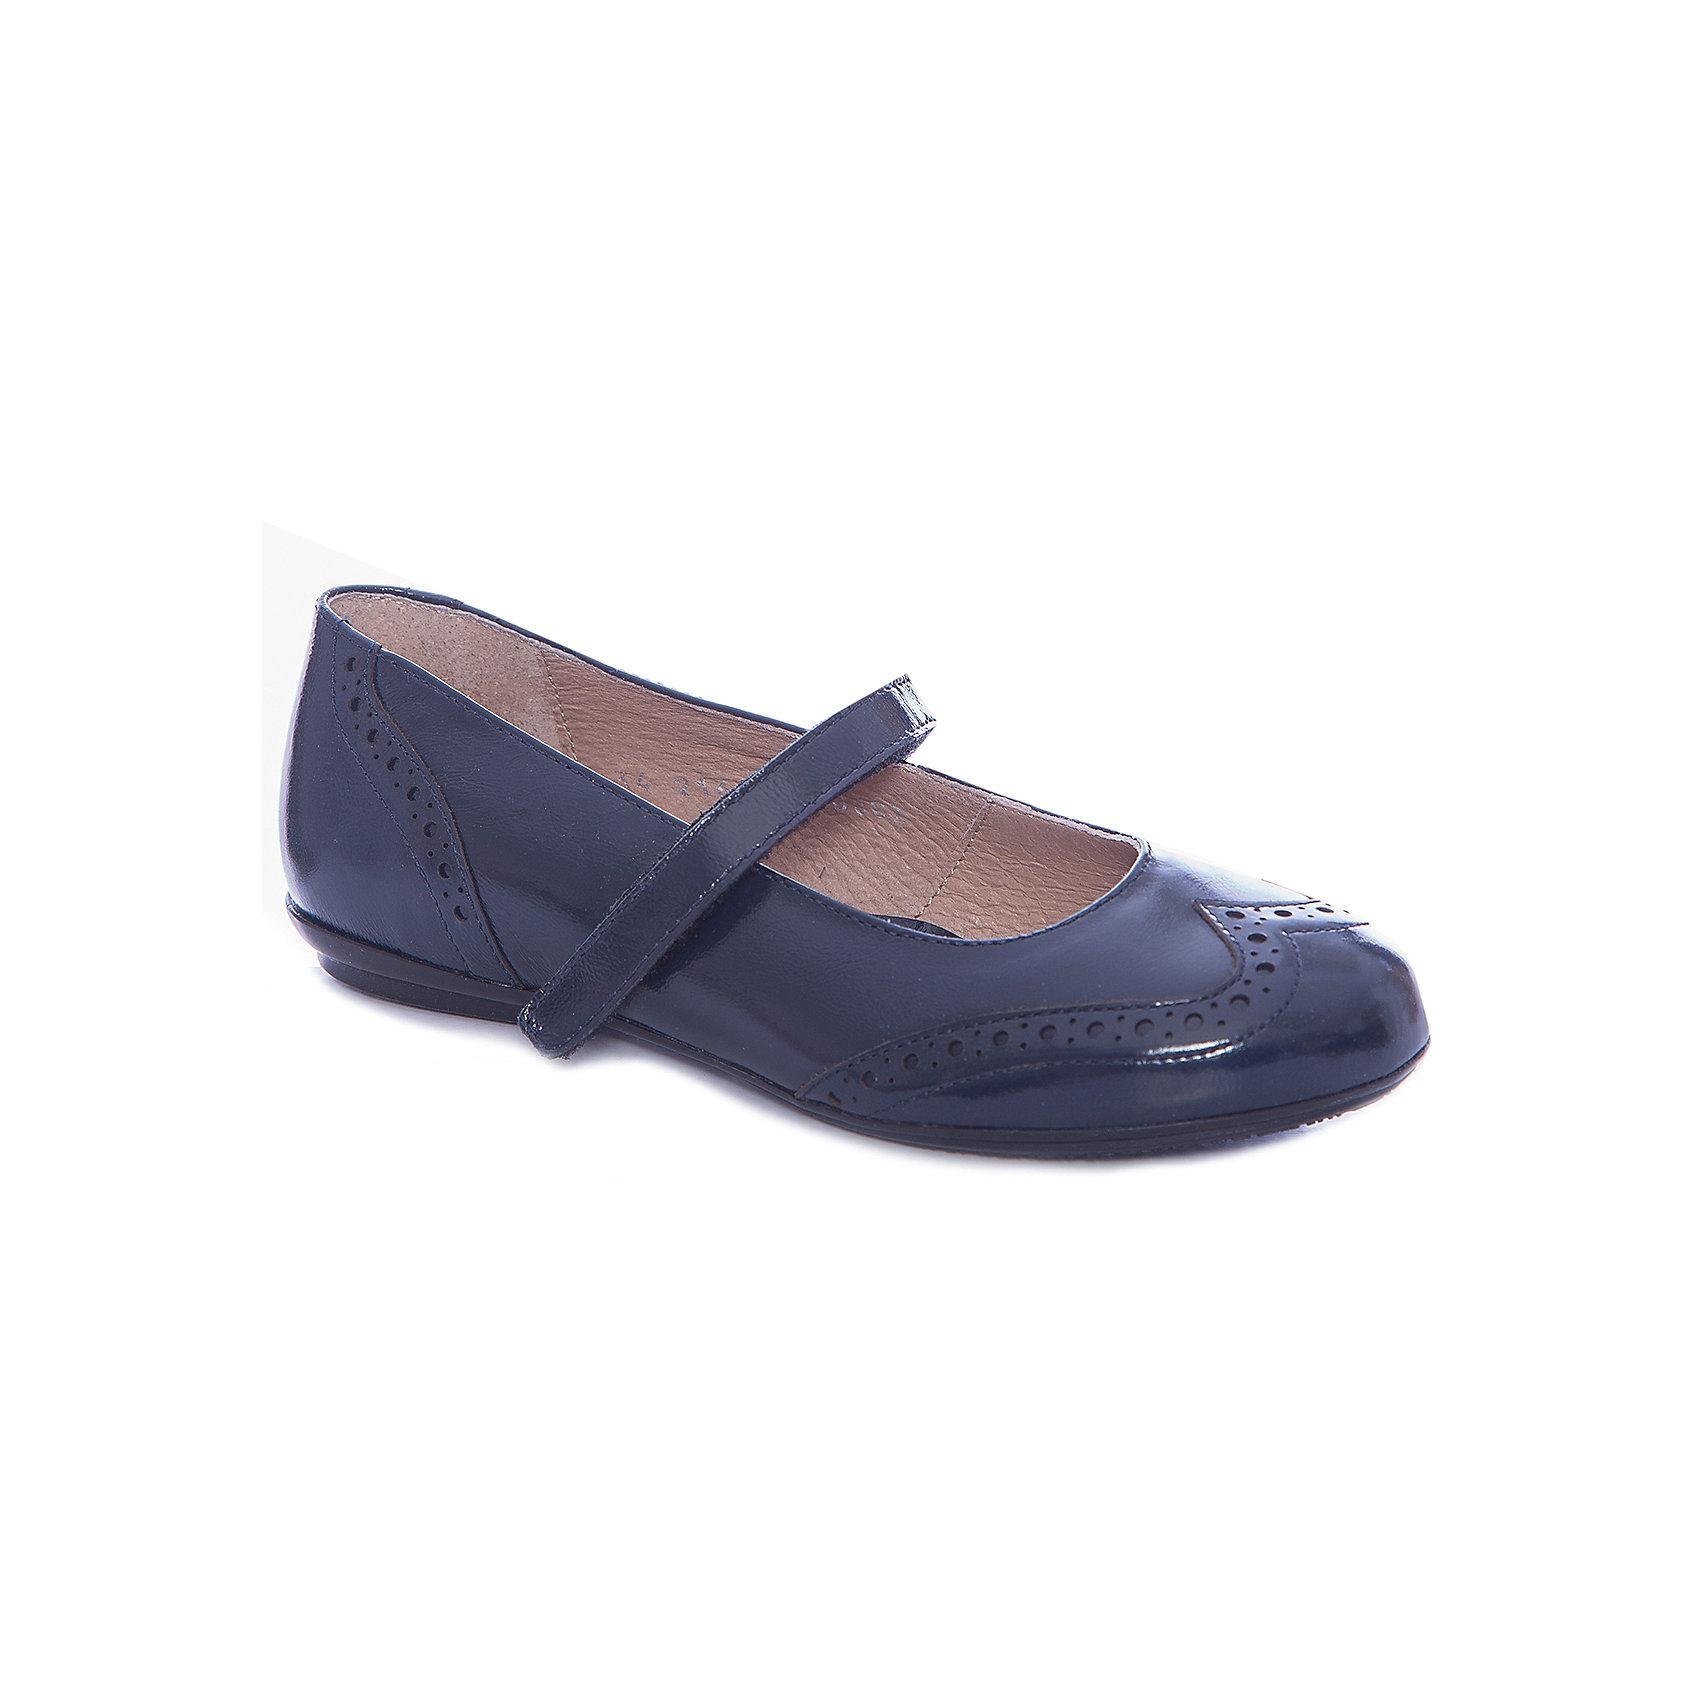 Туфли для девочки GulliverТуфли для девочки от известного бренда Gulliver<br>Выбрать школьные туфли для девочек - задача не из простых! Они должны выглядеть стильно и соответствовать необходимым стандартам качества. Синие школьные туфли из натуральной лаковой кожи - то, что нужно! Удобные, красивые, практичные, они прекрасно выглядят, а значит, придутся ученице по вкусу. Туфли отлично завершат и повседневный, и нарядный образ школьницы, придав ему элегантность.<br>Состав: верх: кожа лак; подкладка: кожа; подошва: ТЭП<br><br>Ширина мм: 227<br>Глубина мм: 145<br>Высота мм: 124<br>Вес г: 325<br>Цвет: синий<br>Возраст от месяцев: 120<br>Возраст до месяцев: 132<br>Пол: Женский<br>Возраст: Детский<br>Размер: 34,33,32<br>SKU: 4767330